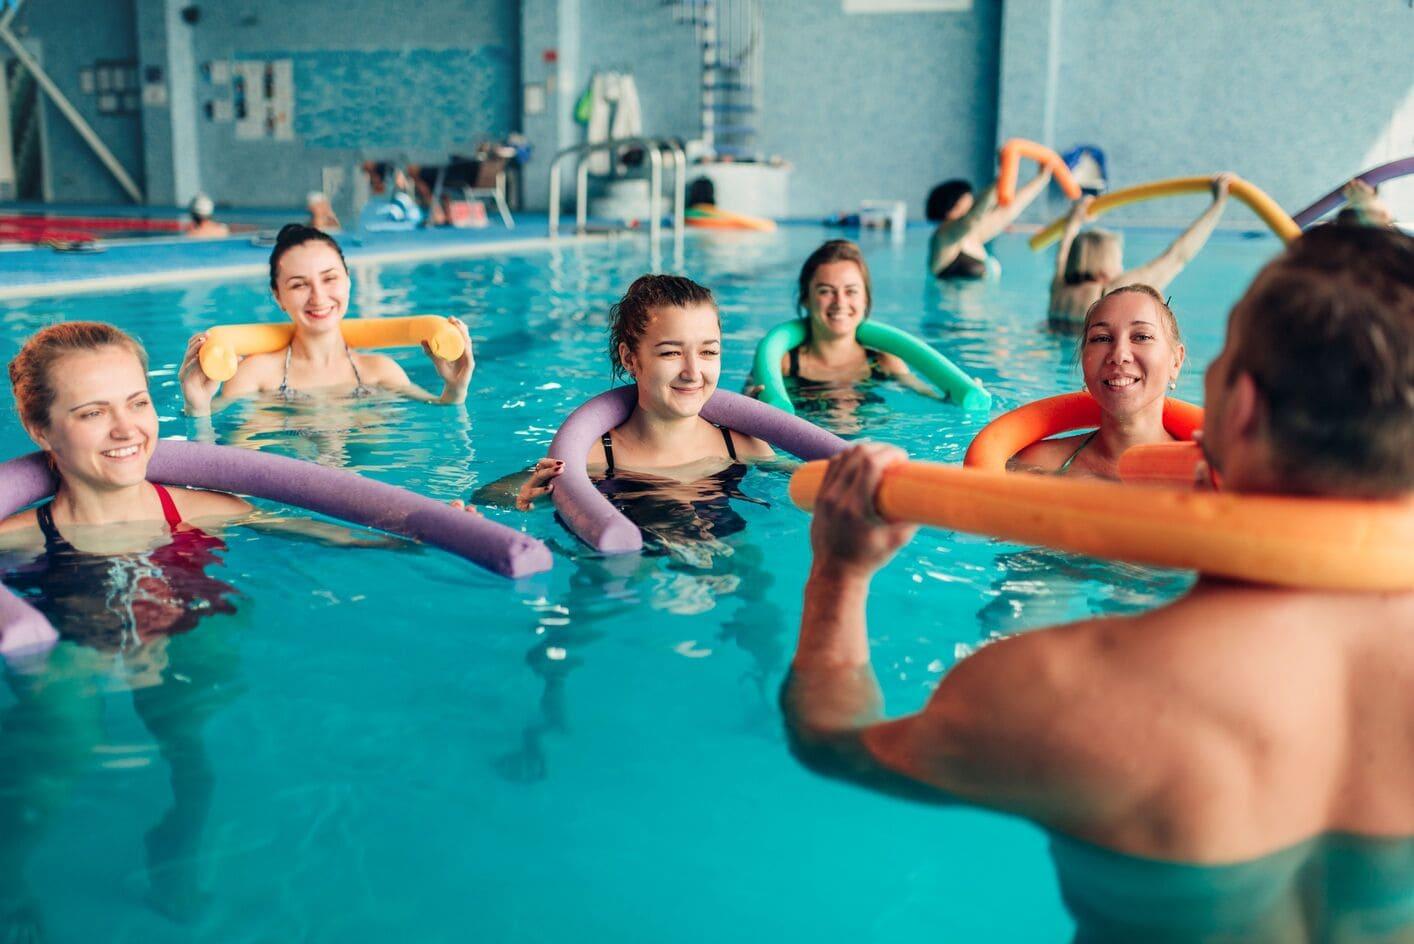 Dlaczego warto zapisać się na zajęcia aqua-aerobik